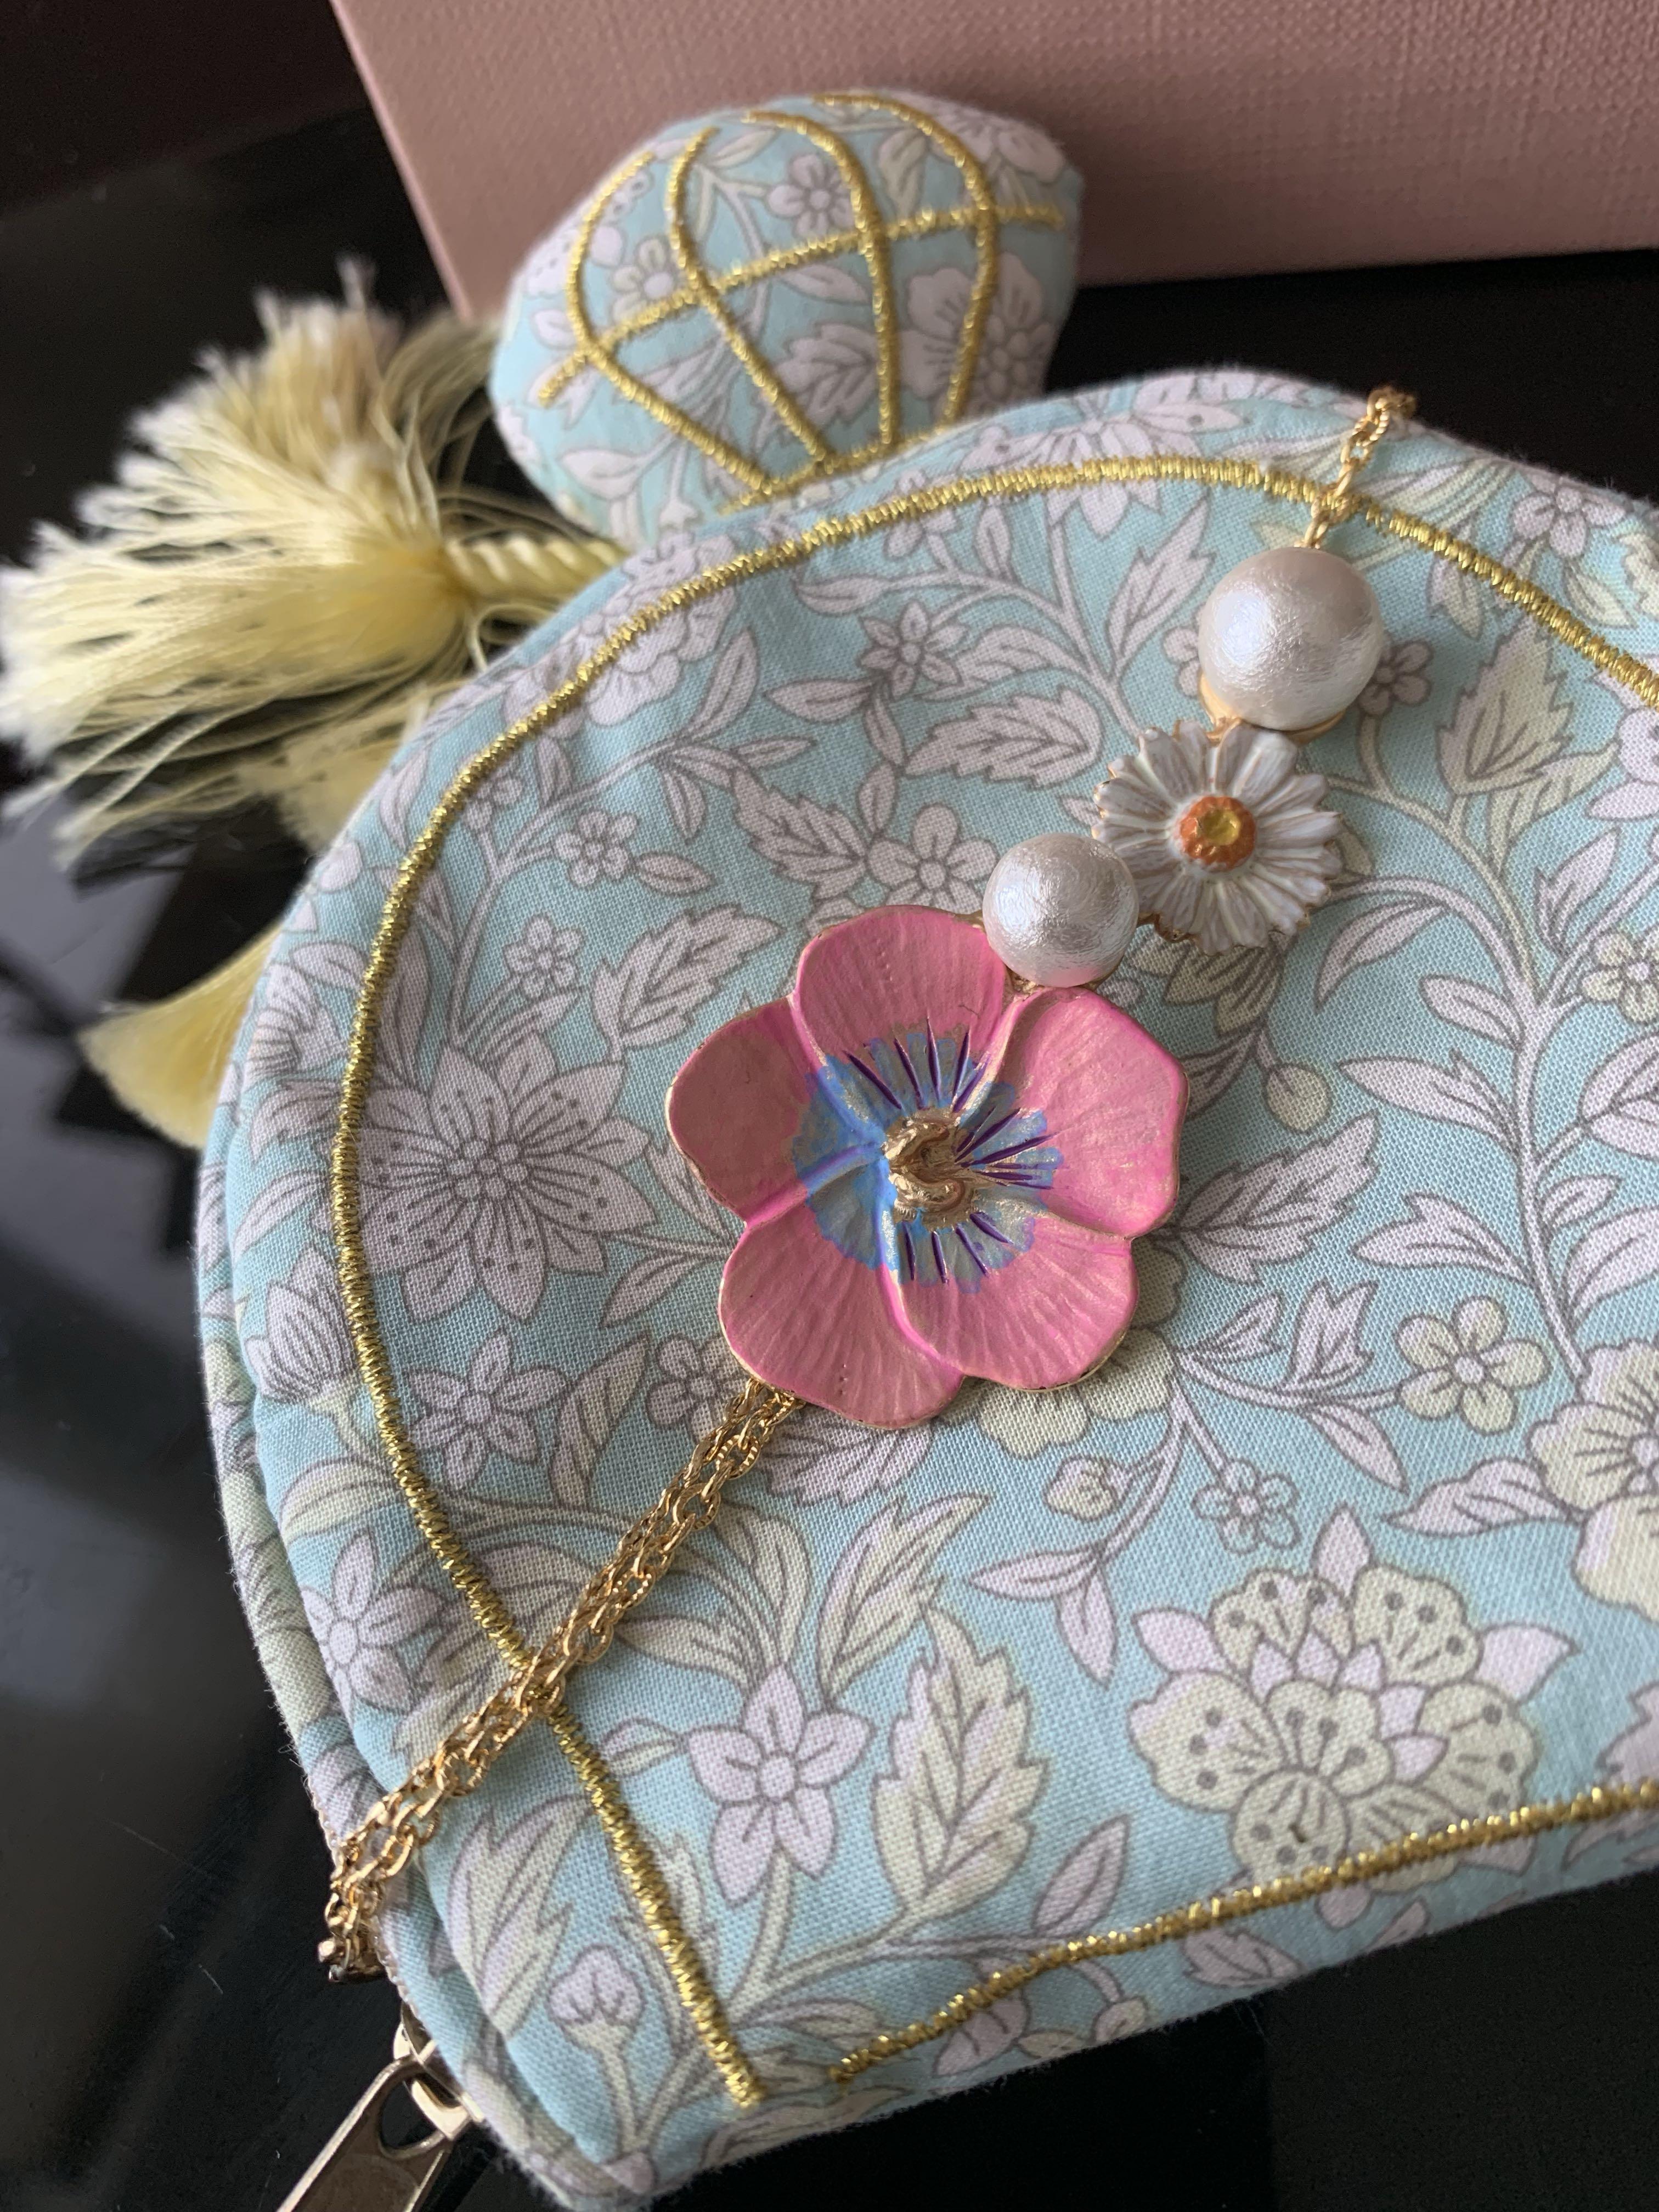 【日飾放題】日本正品 Palnart Poc Bracelet 菊花珍珠手鏈 II Kaza II Les Nereides